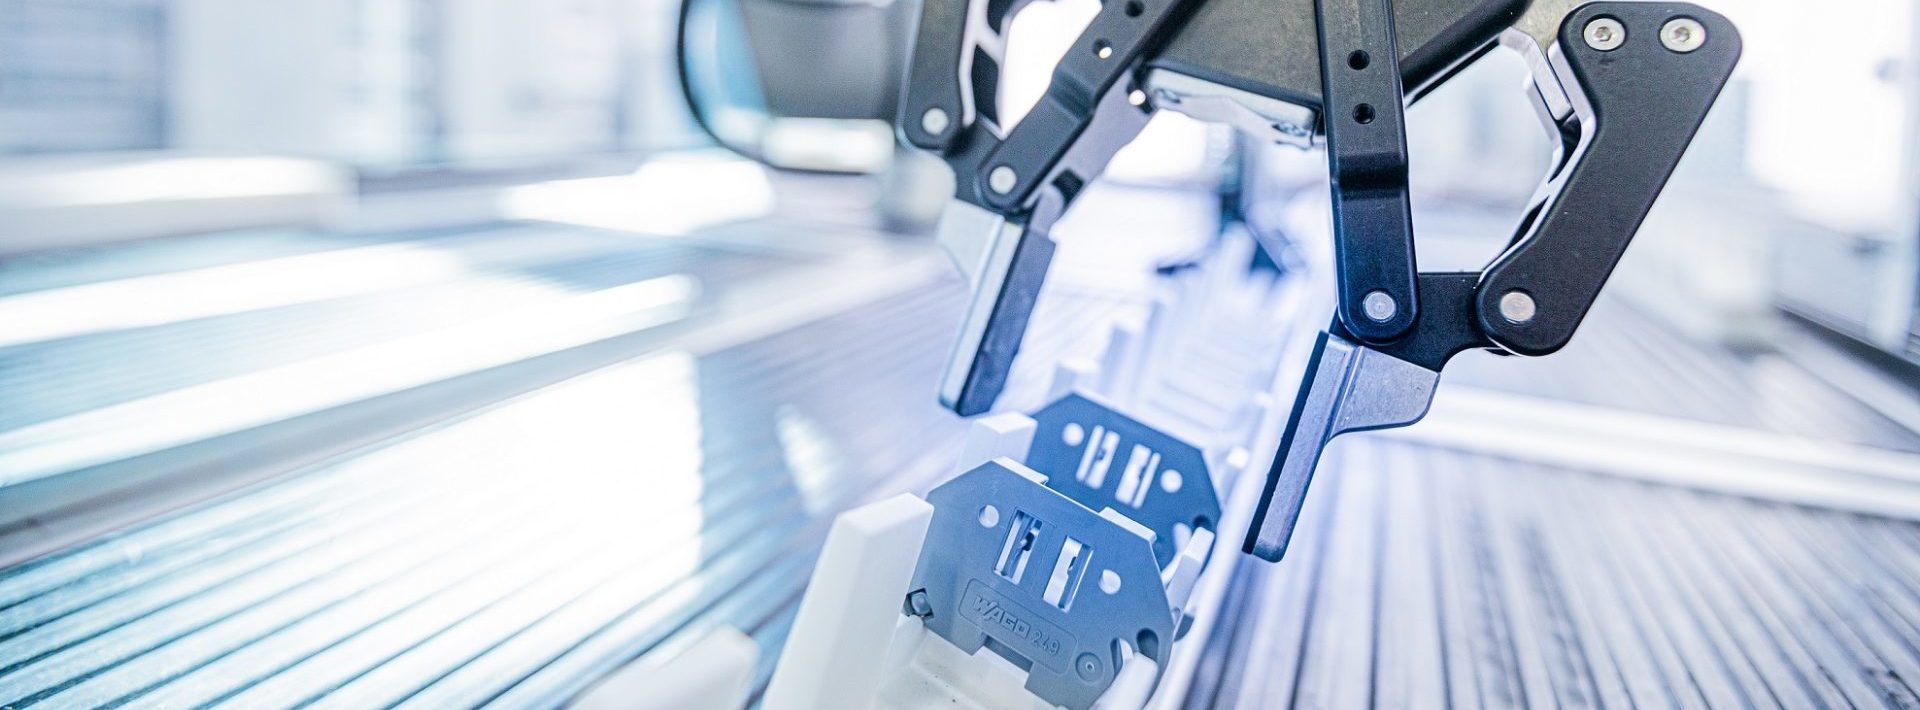 Zentrum für Kognitive Robotik